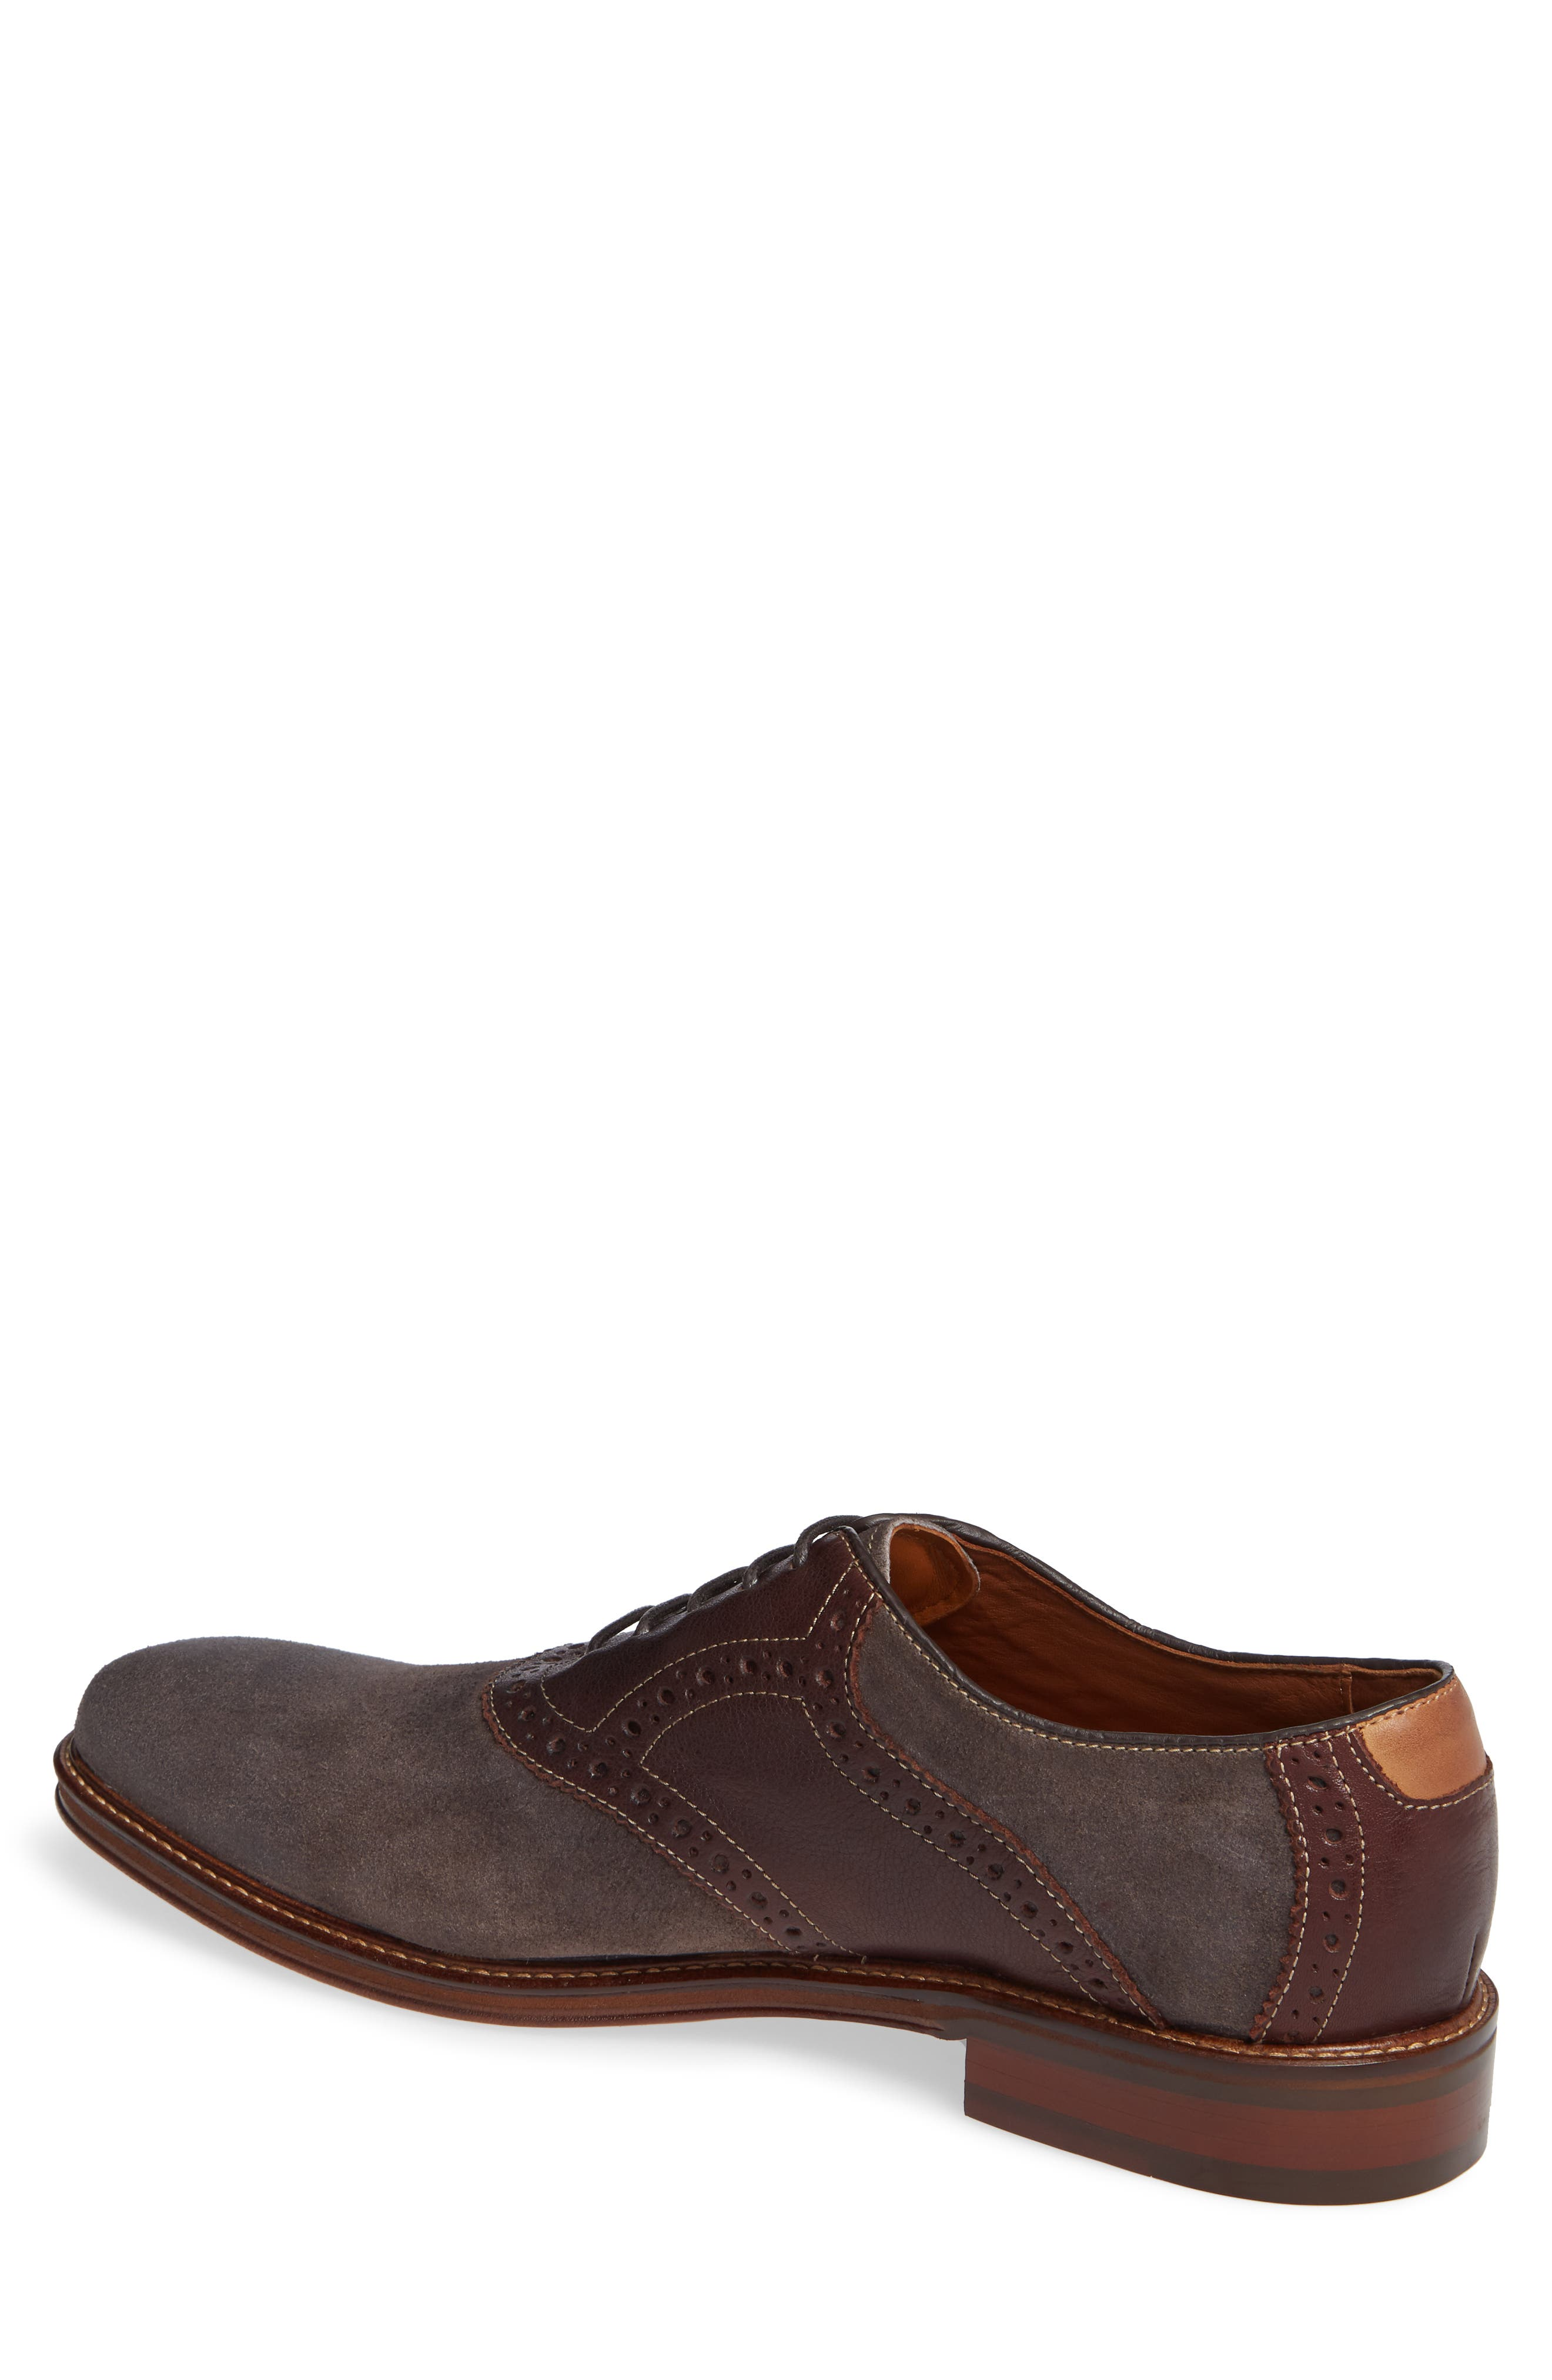 Warner Saddle Shoe,                             Alternate thumbnail 2, color,                             DARK GREY SUEDE